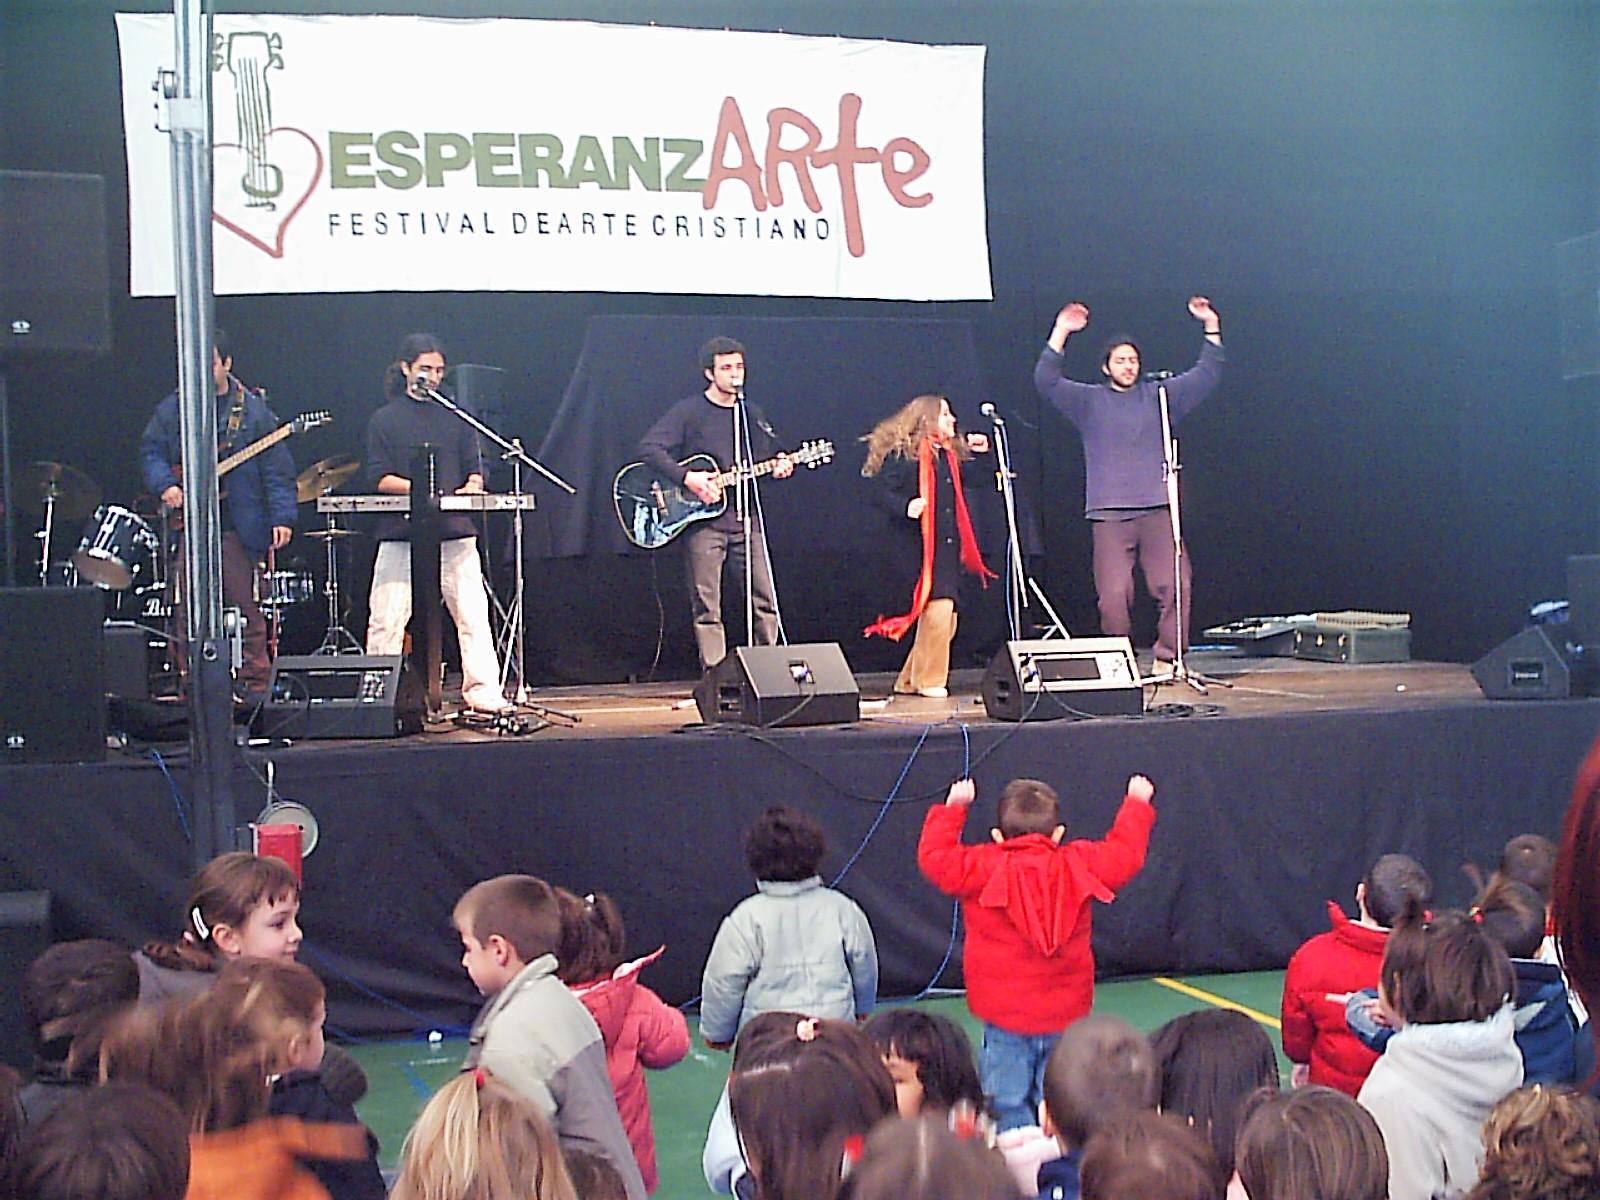 Los Cabos - EsperanzARTE 2004